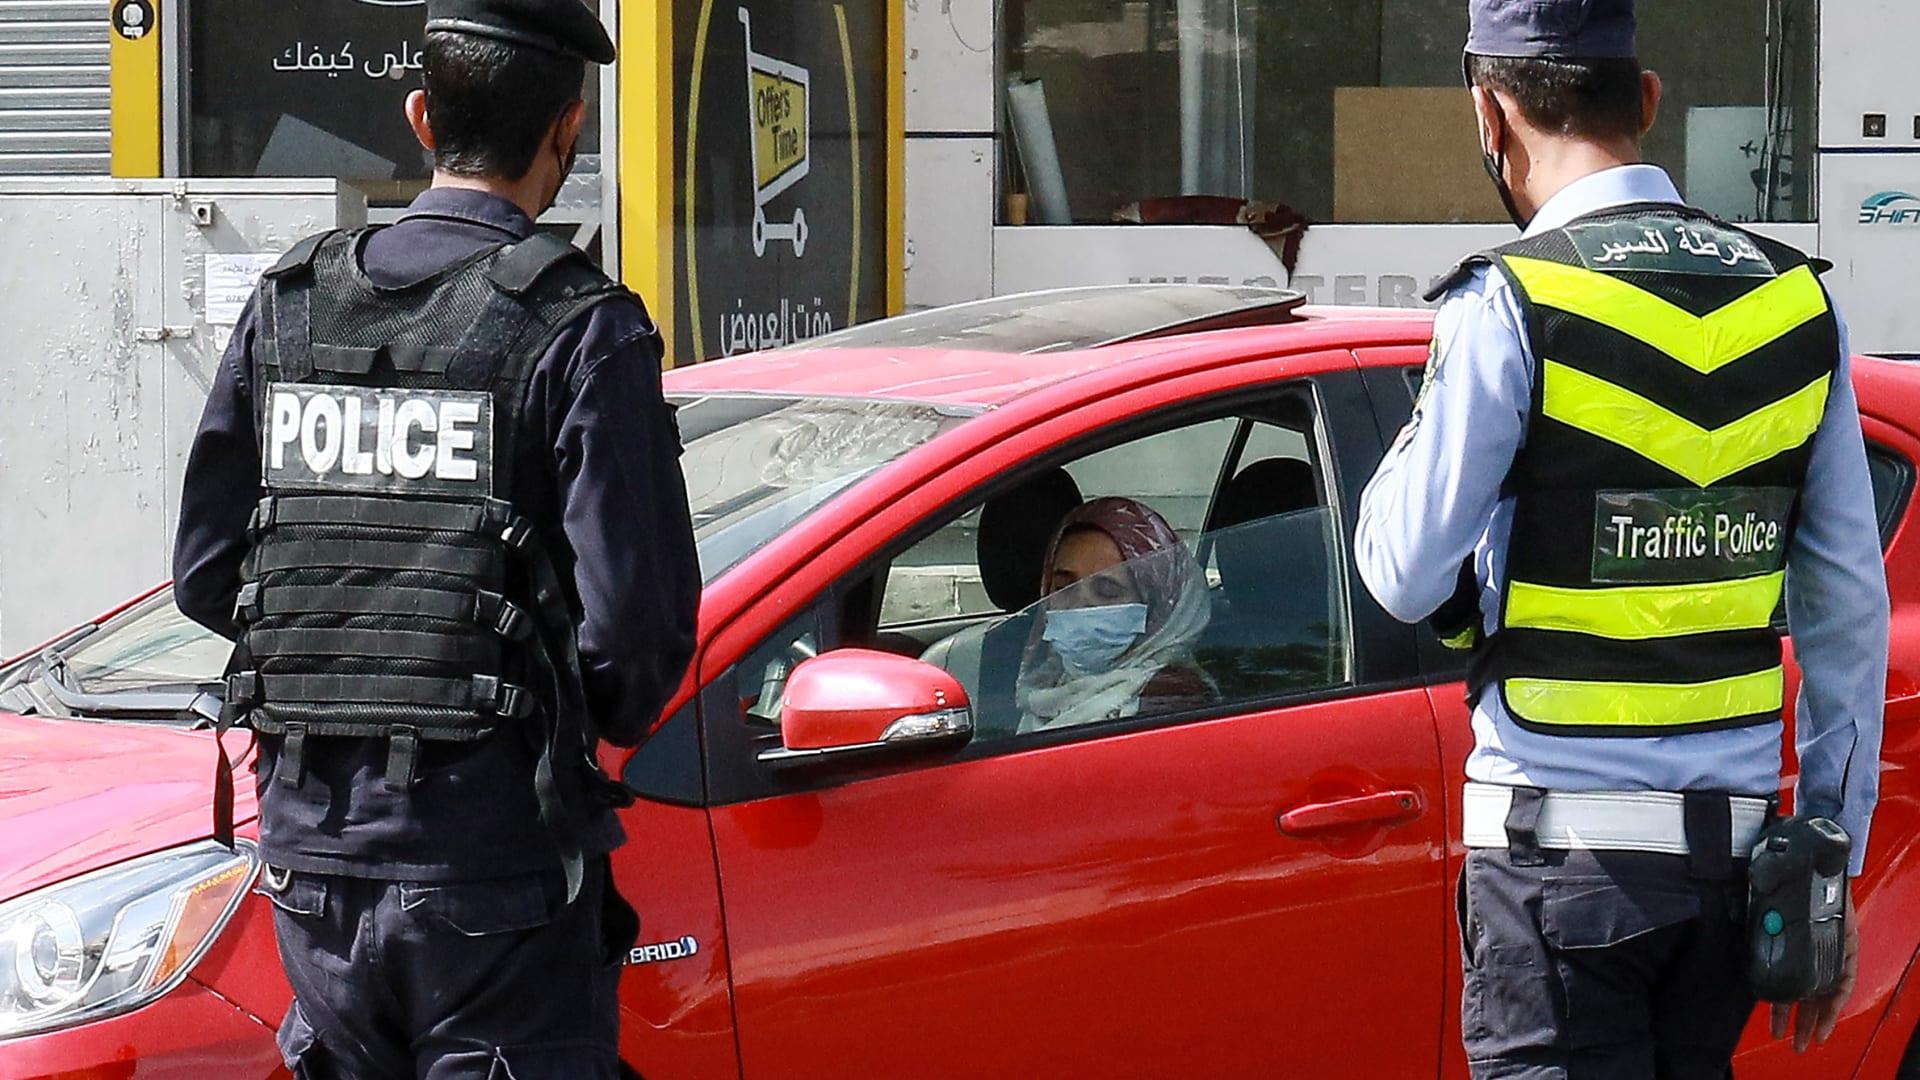 الأردن: إجراء انتخابات البرلمان في موعدها وحظر شامل بعدها لمدة 3 أيام